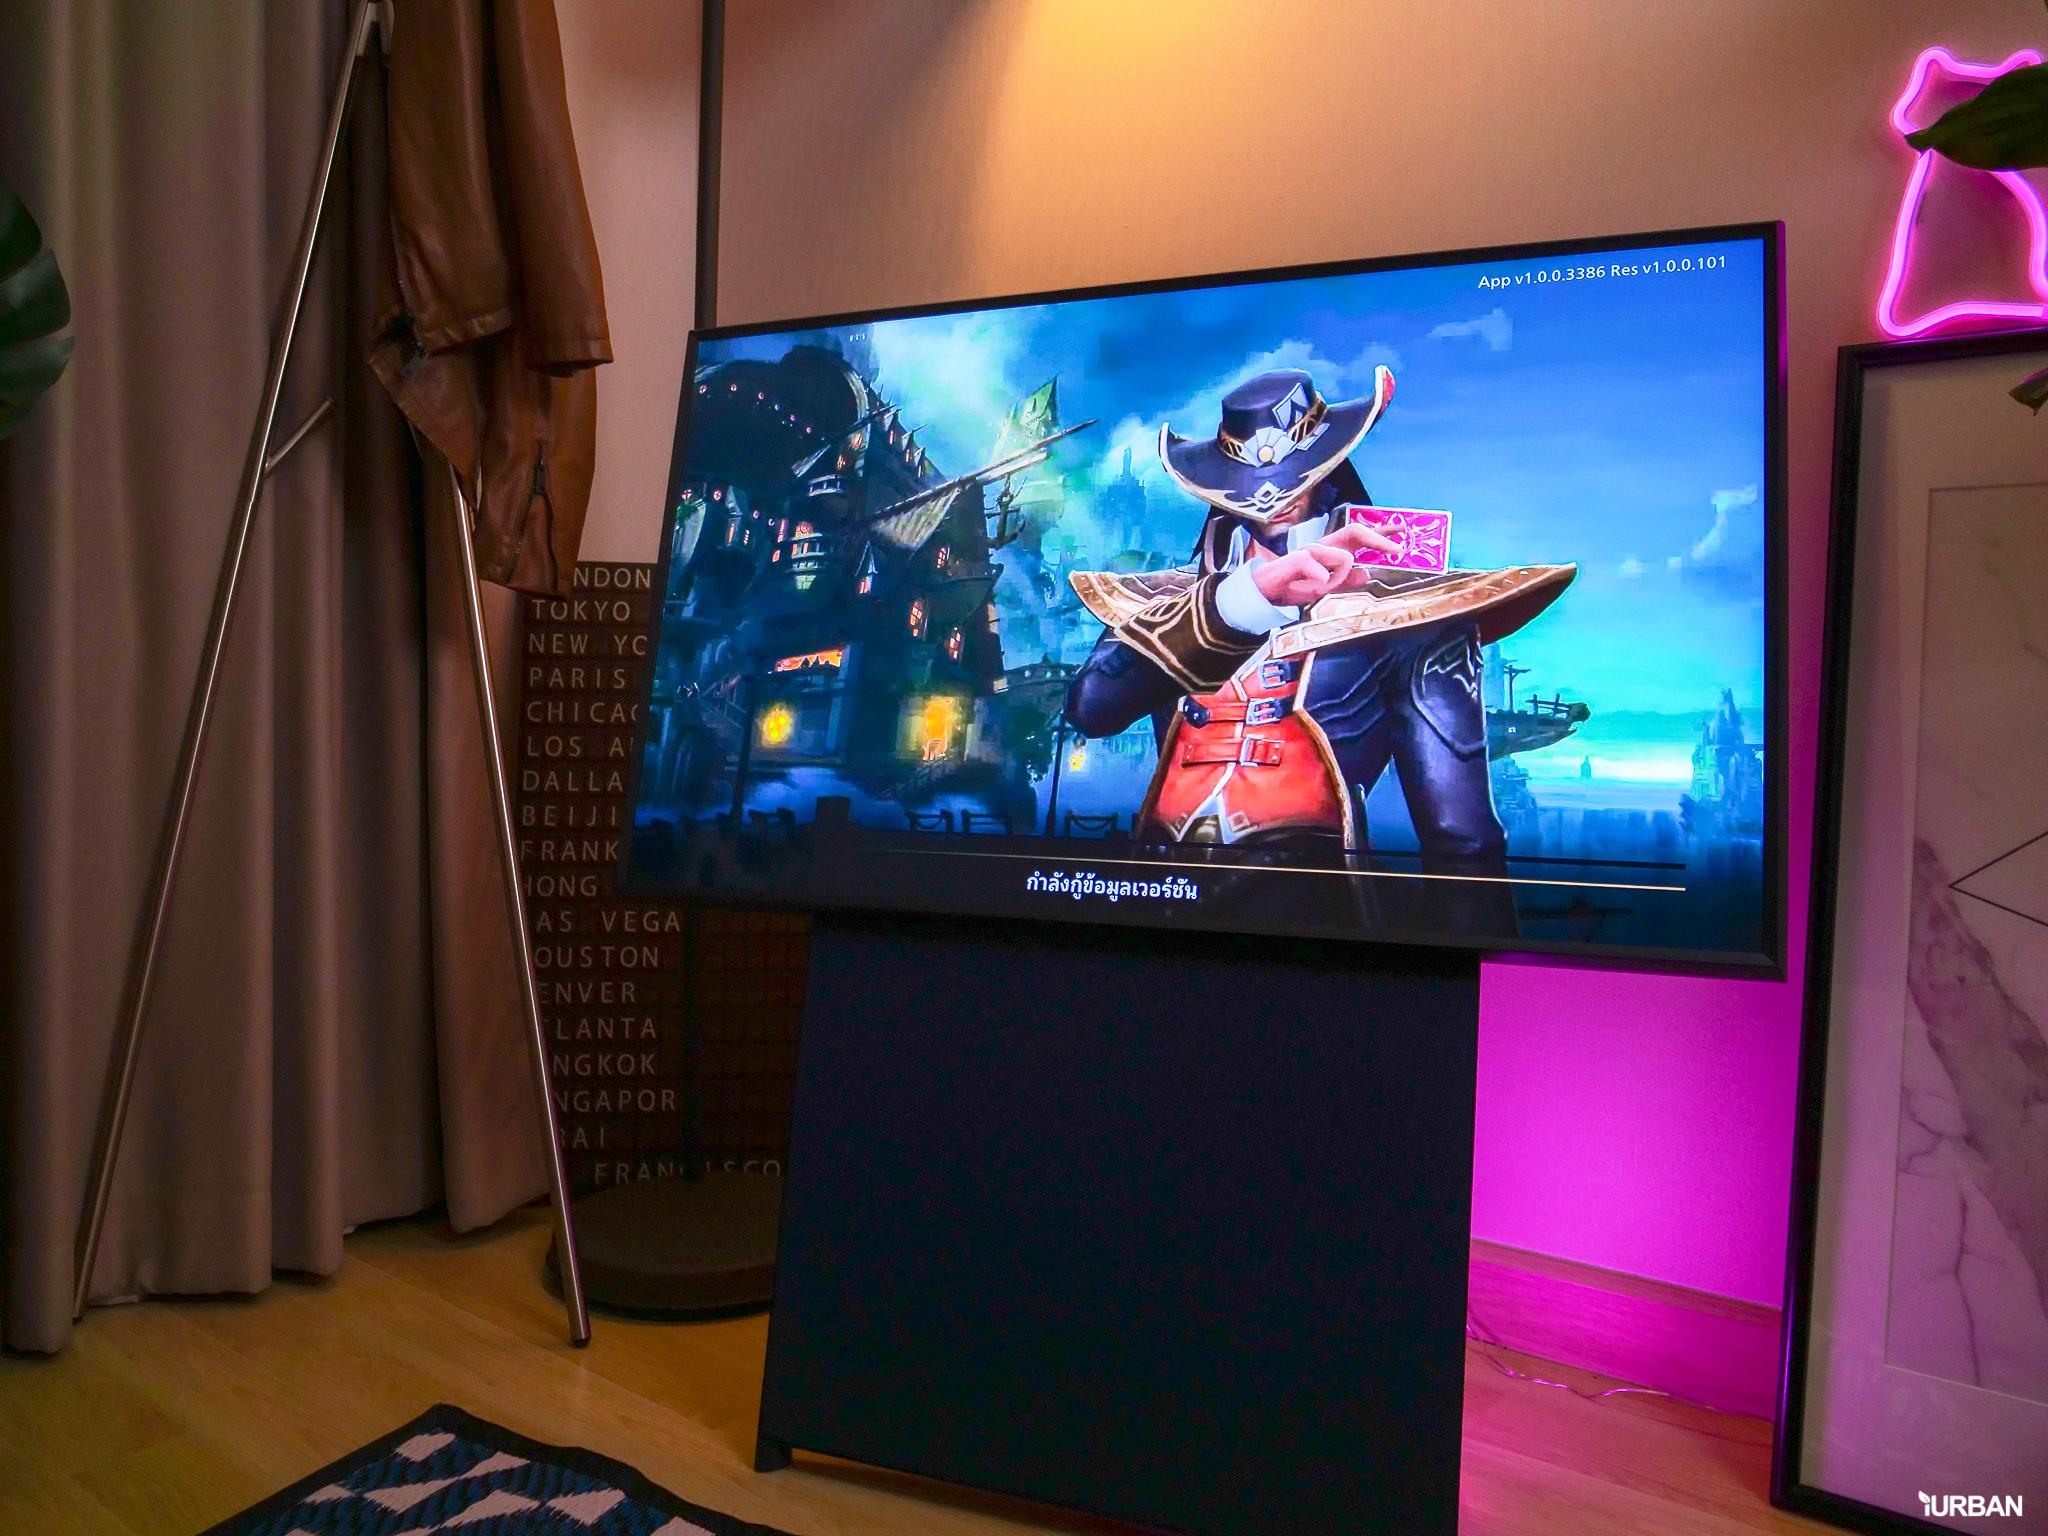 รีวิว 3 ทีวีที่สวยที่สุดเจนเนอเรชั่นนี้ The Frame The Serif และ The Sero 93 - decor